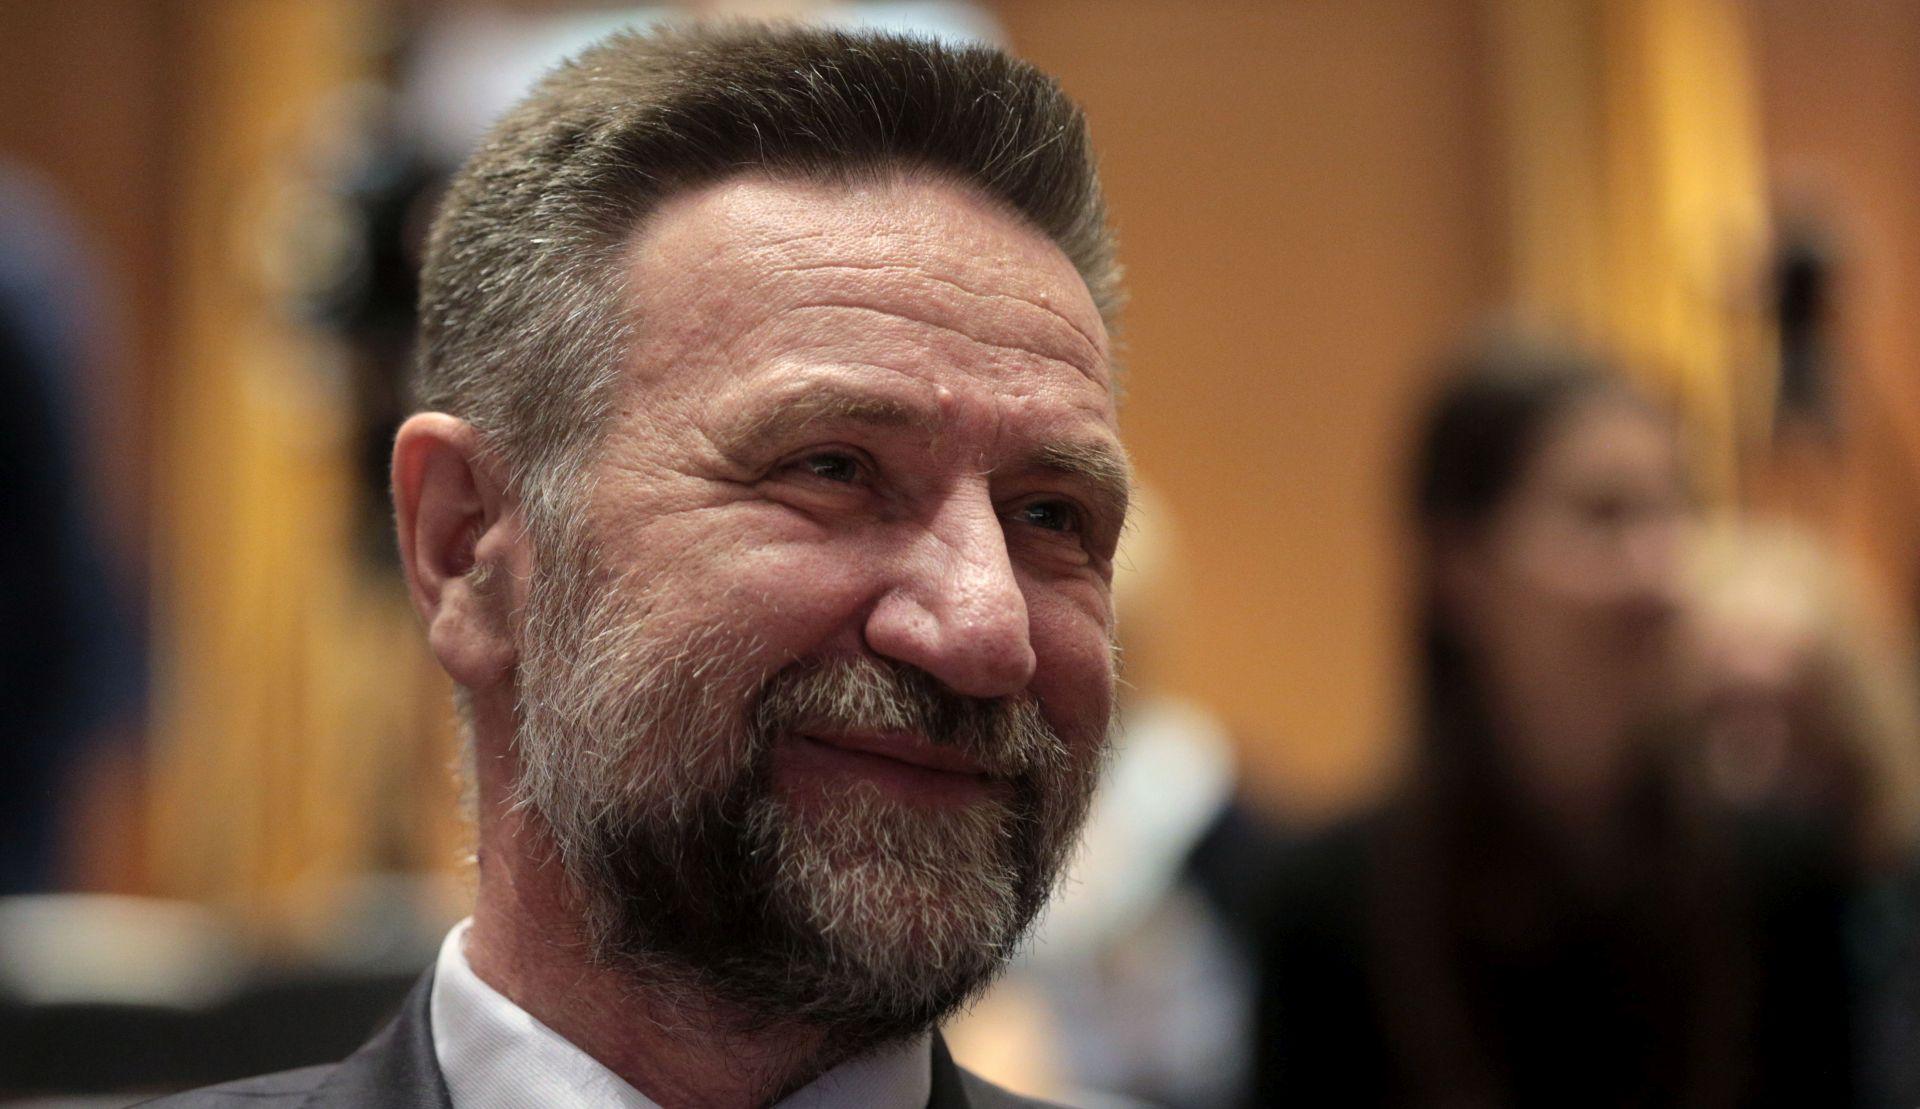 Fakultet hrvatskih studija pokrenuo upravni spor i podnio prijavu protiv ministrice Divjak